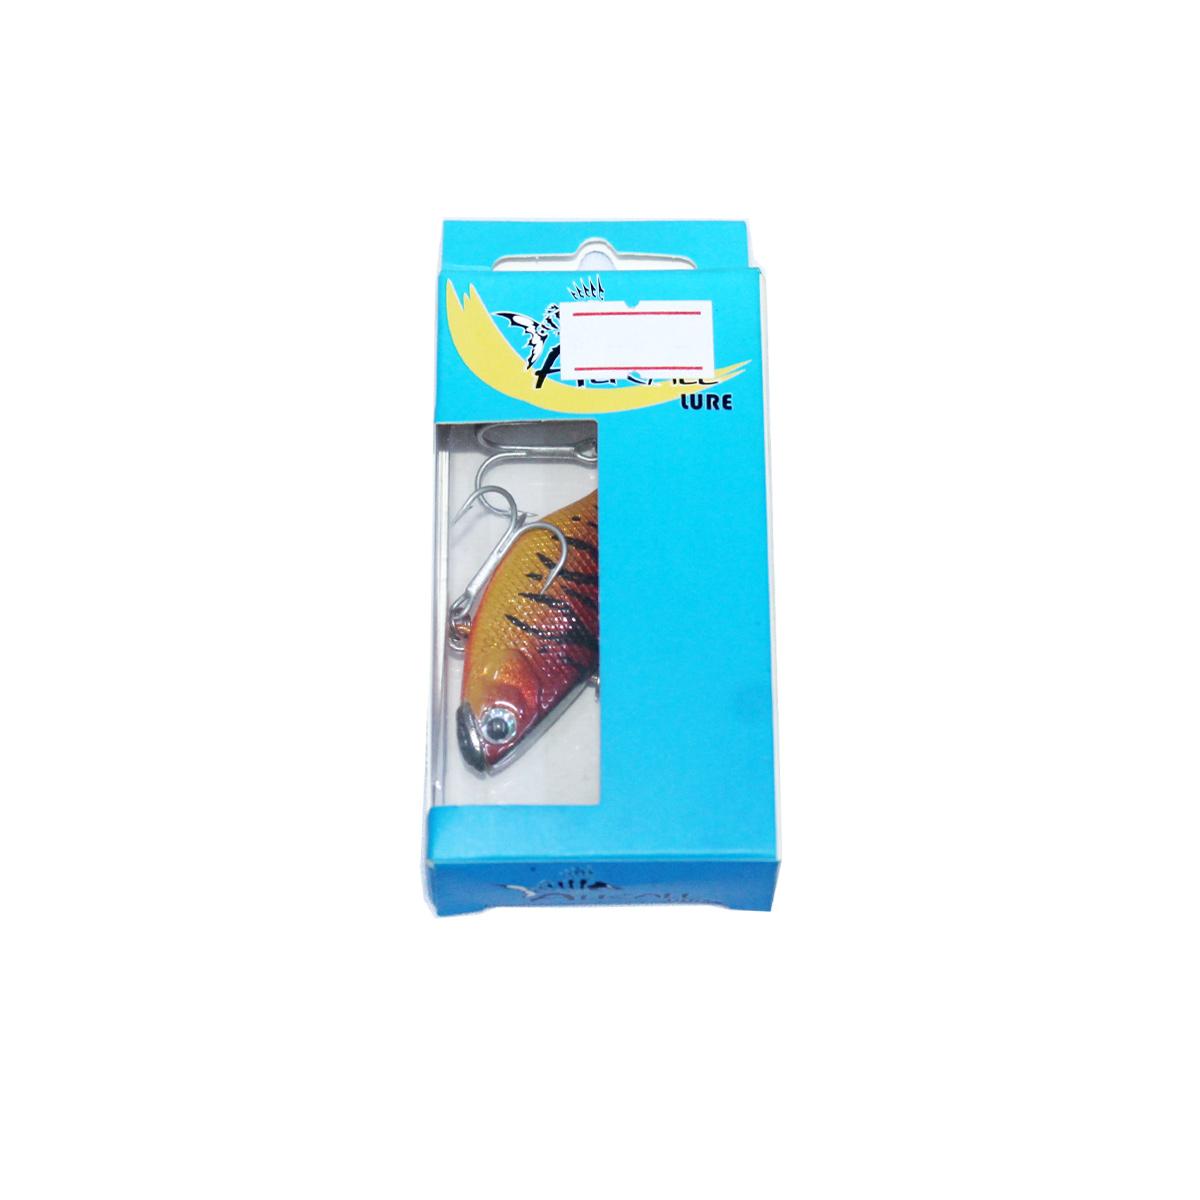 Mồi Câu Cá Giả Lure Lóc - Chẽm Alkall 55 Màu Nâu